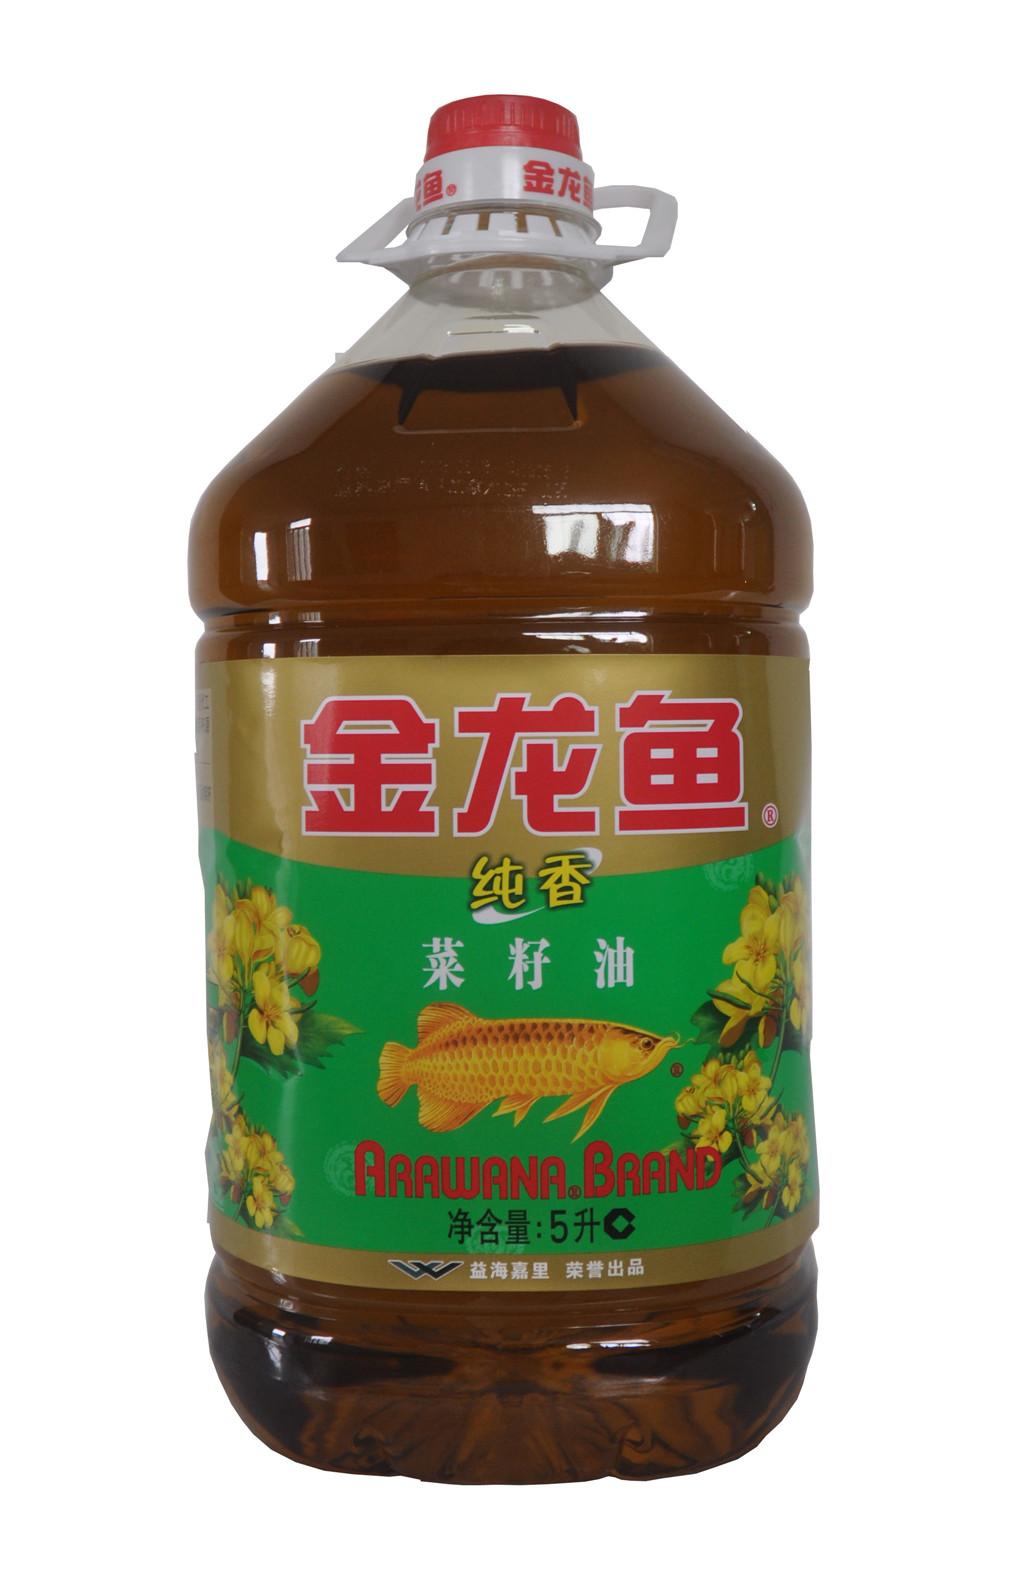 金龙鱼大米5kg_【天猫超市】金龙鱼 食用油 纯香菜籽油 5L/桶 品牌品质有保证